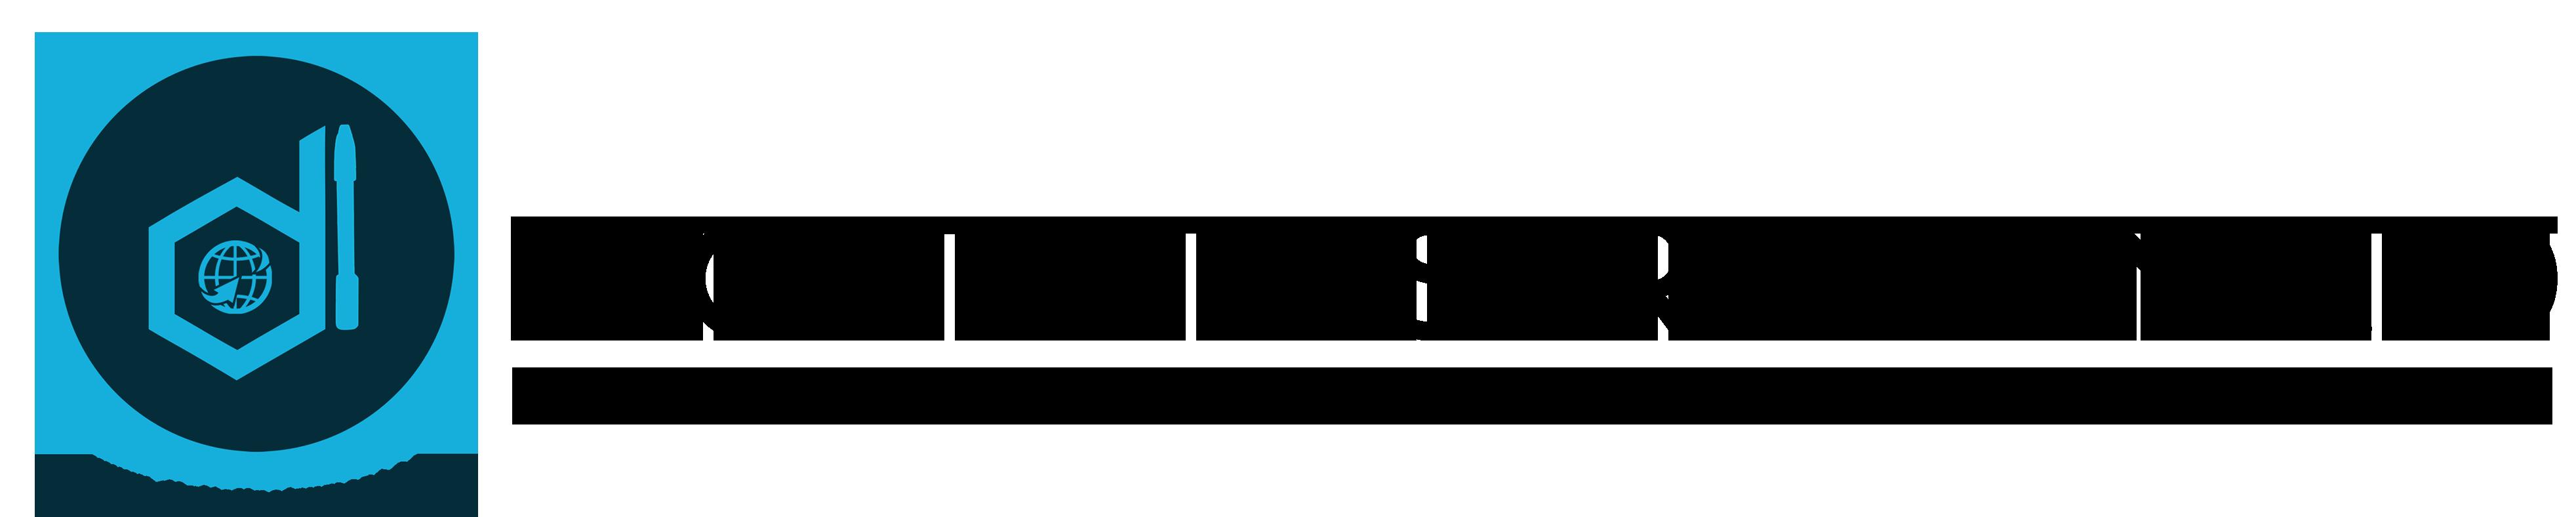 Digital Instrument id